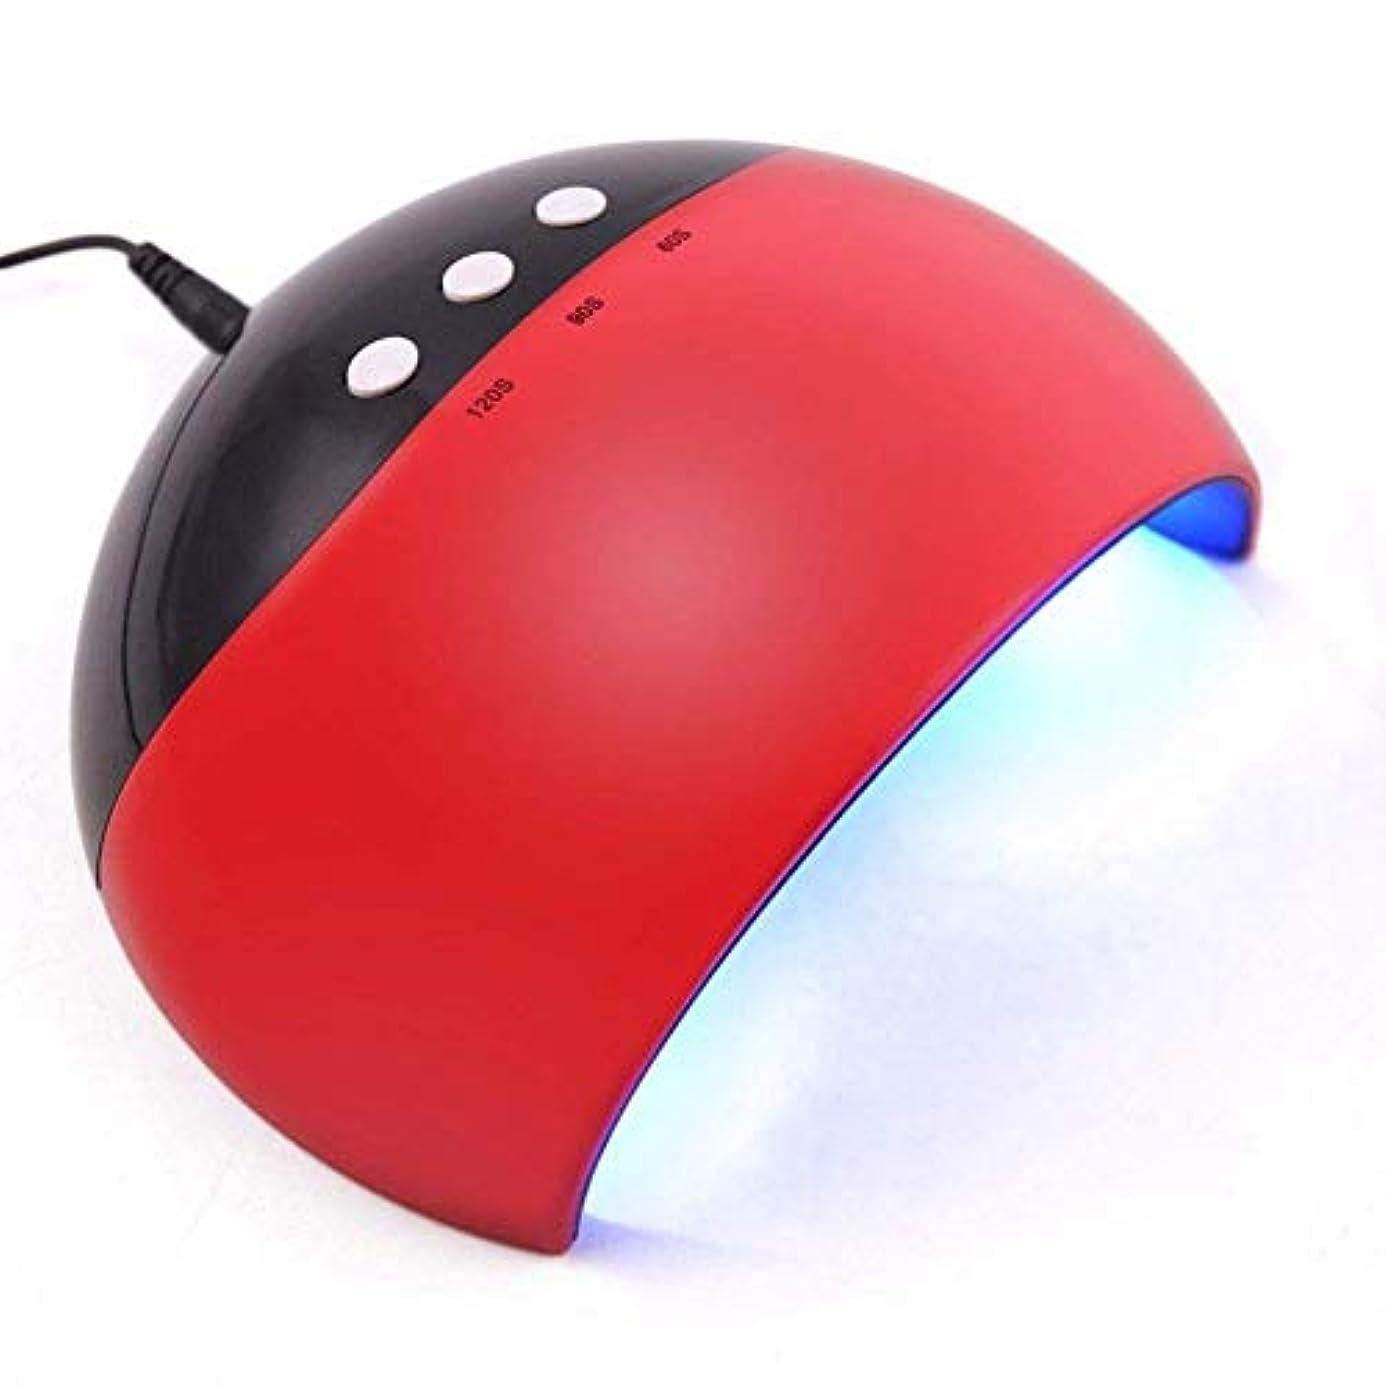 する必要があるどきどき学者ネイルドライヤー新しいスタイルLED UVネイルドライヤーポータブルサポートUSB LEDランプネイルドライヤーUV硬化ゲル用速乾性24WサポートUSB充電、写真の色